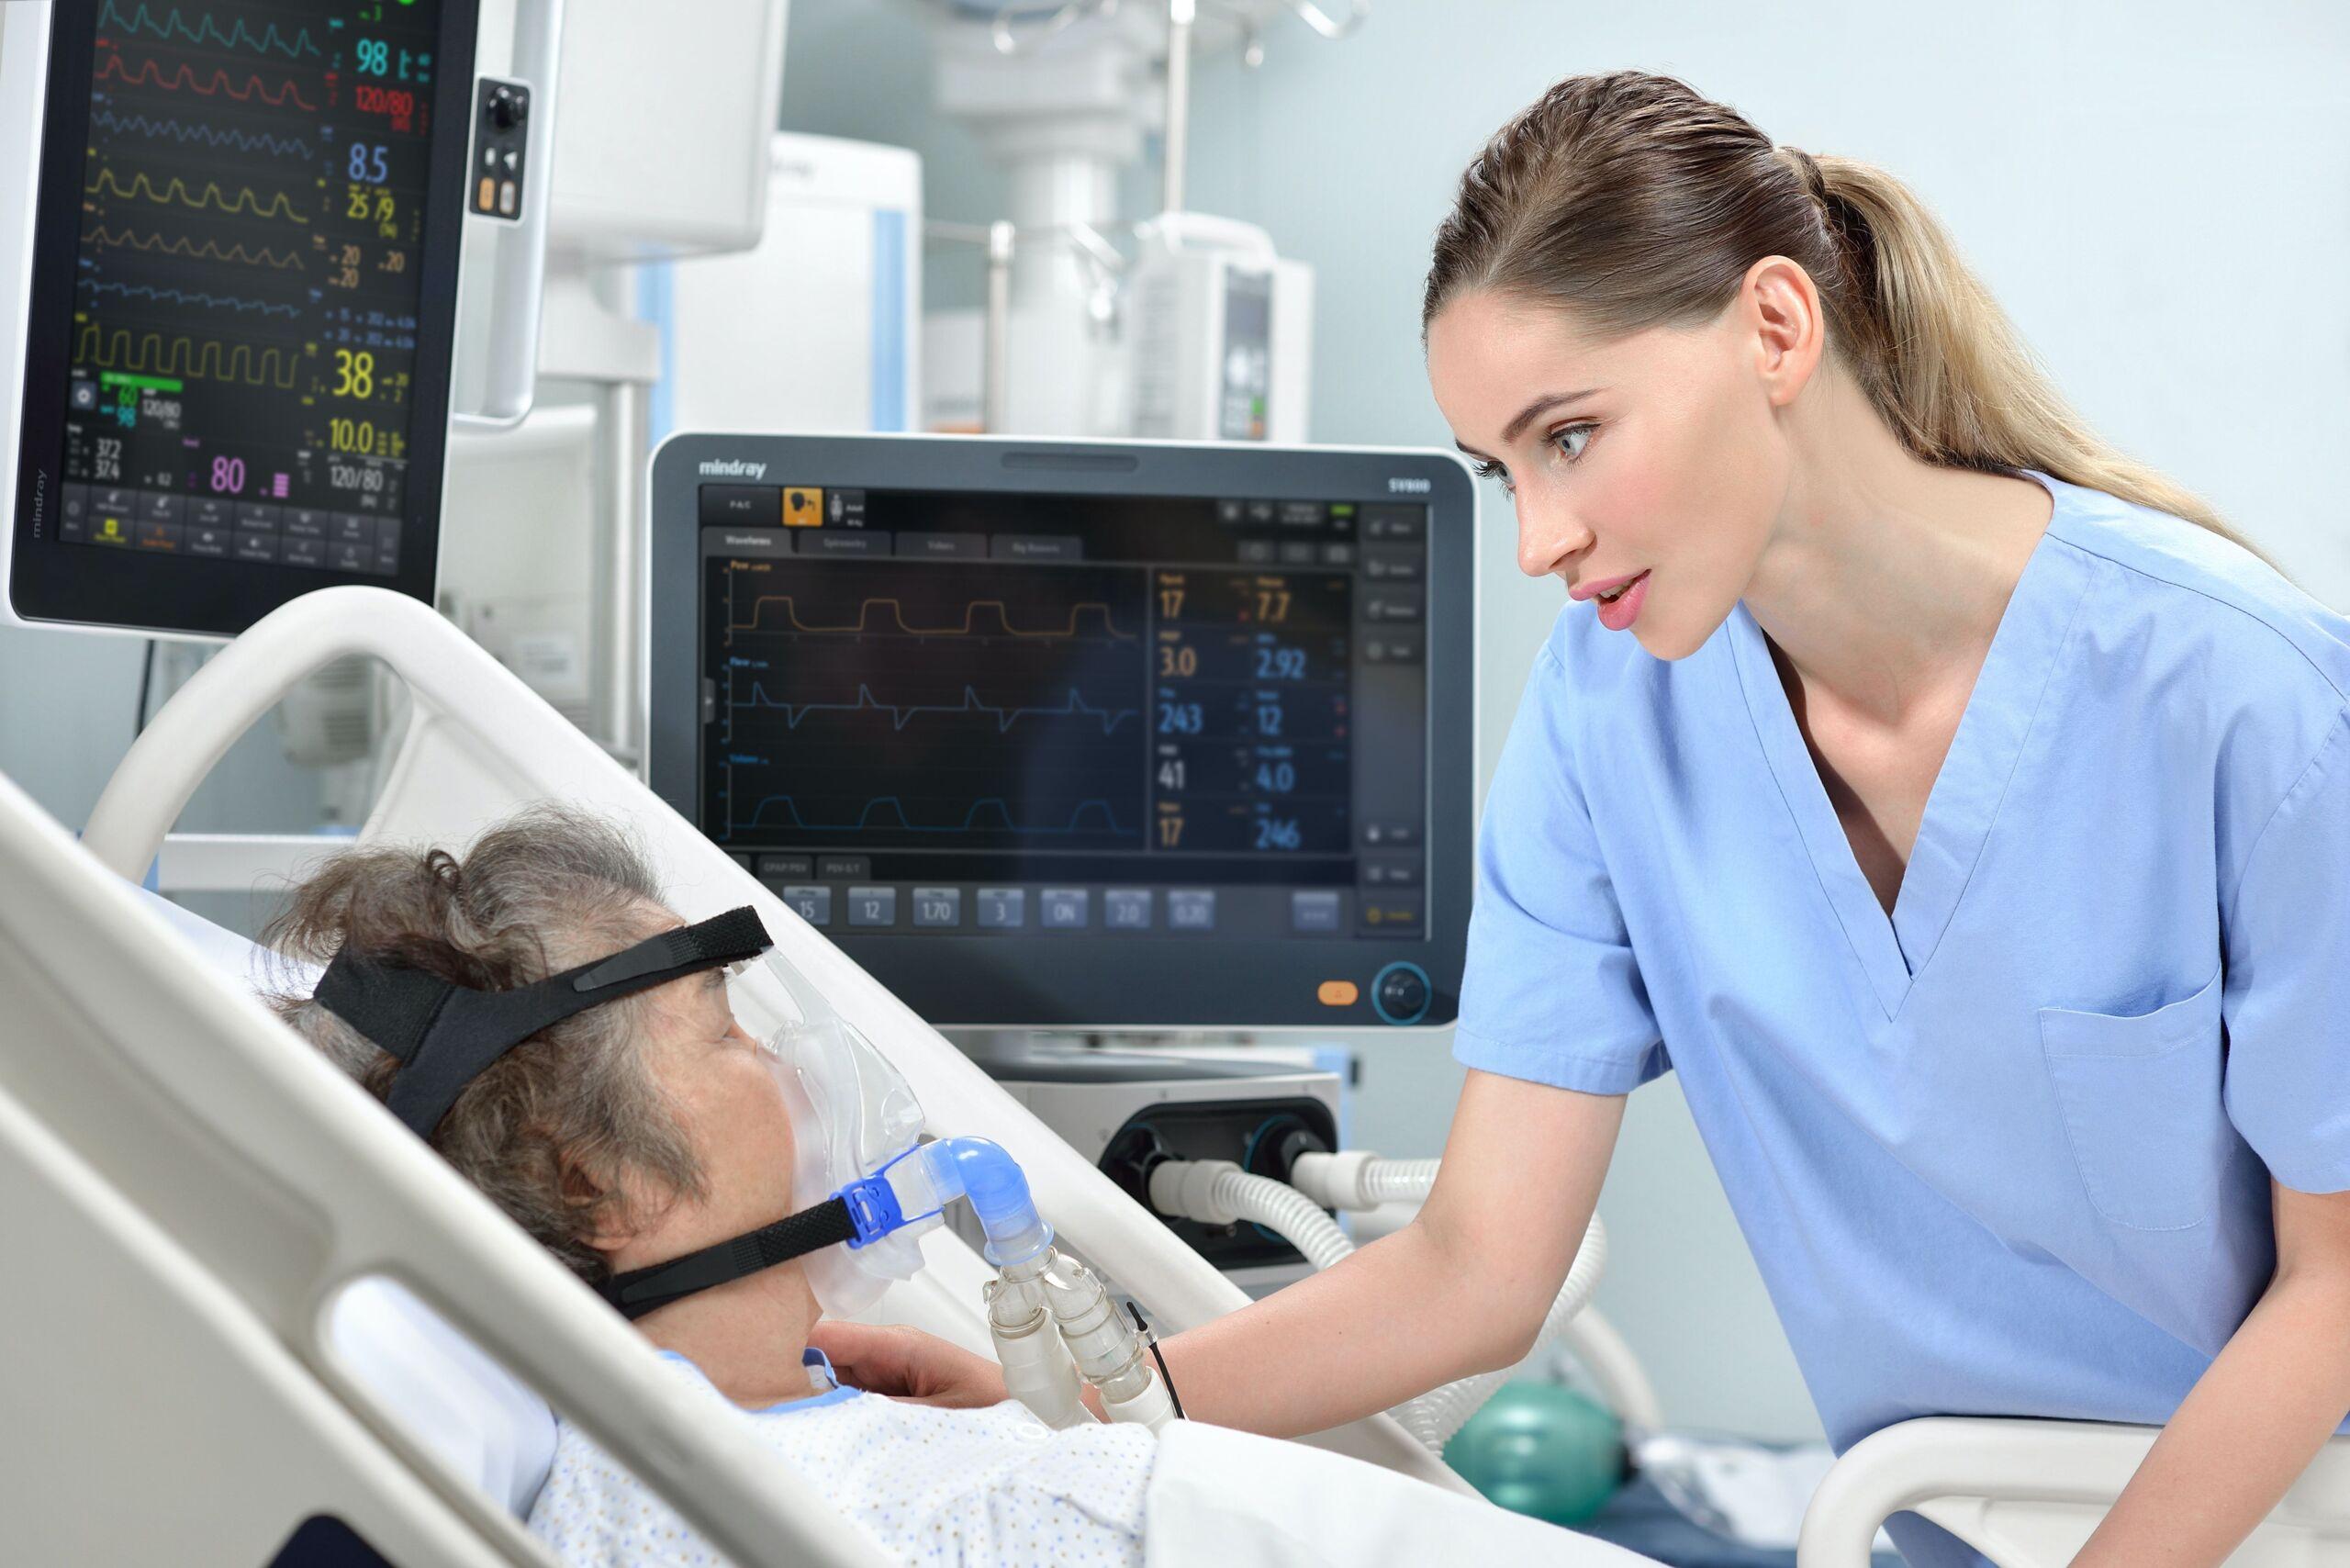 Patientin liegt an einer Beatmungsmaschine und eine Pflegerin schaut nach ihr